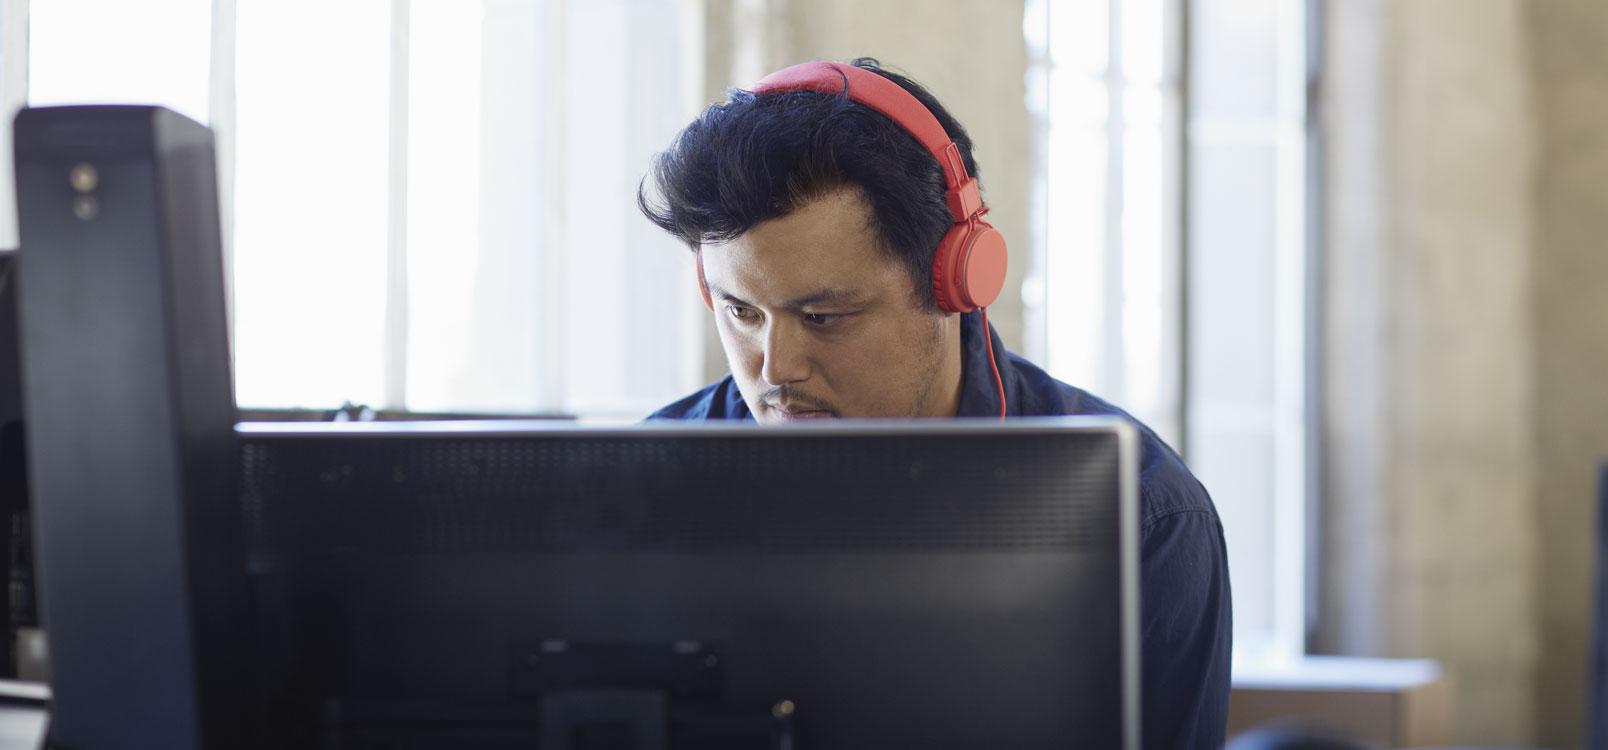 Masaüstü bilgisayarda çalışan ve BT'yi basitleştirmek için Office 365 kullanan kulaklık takmış kişi.